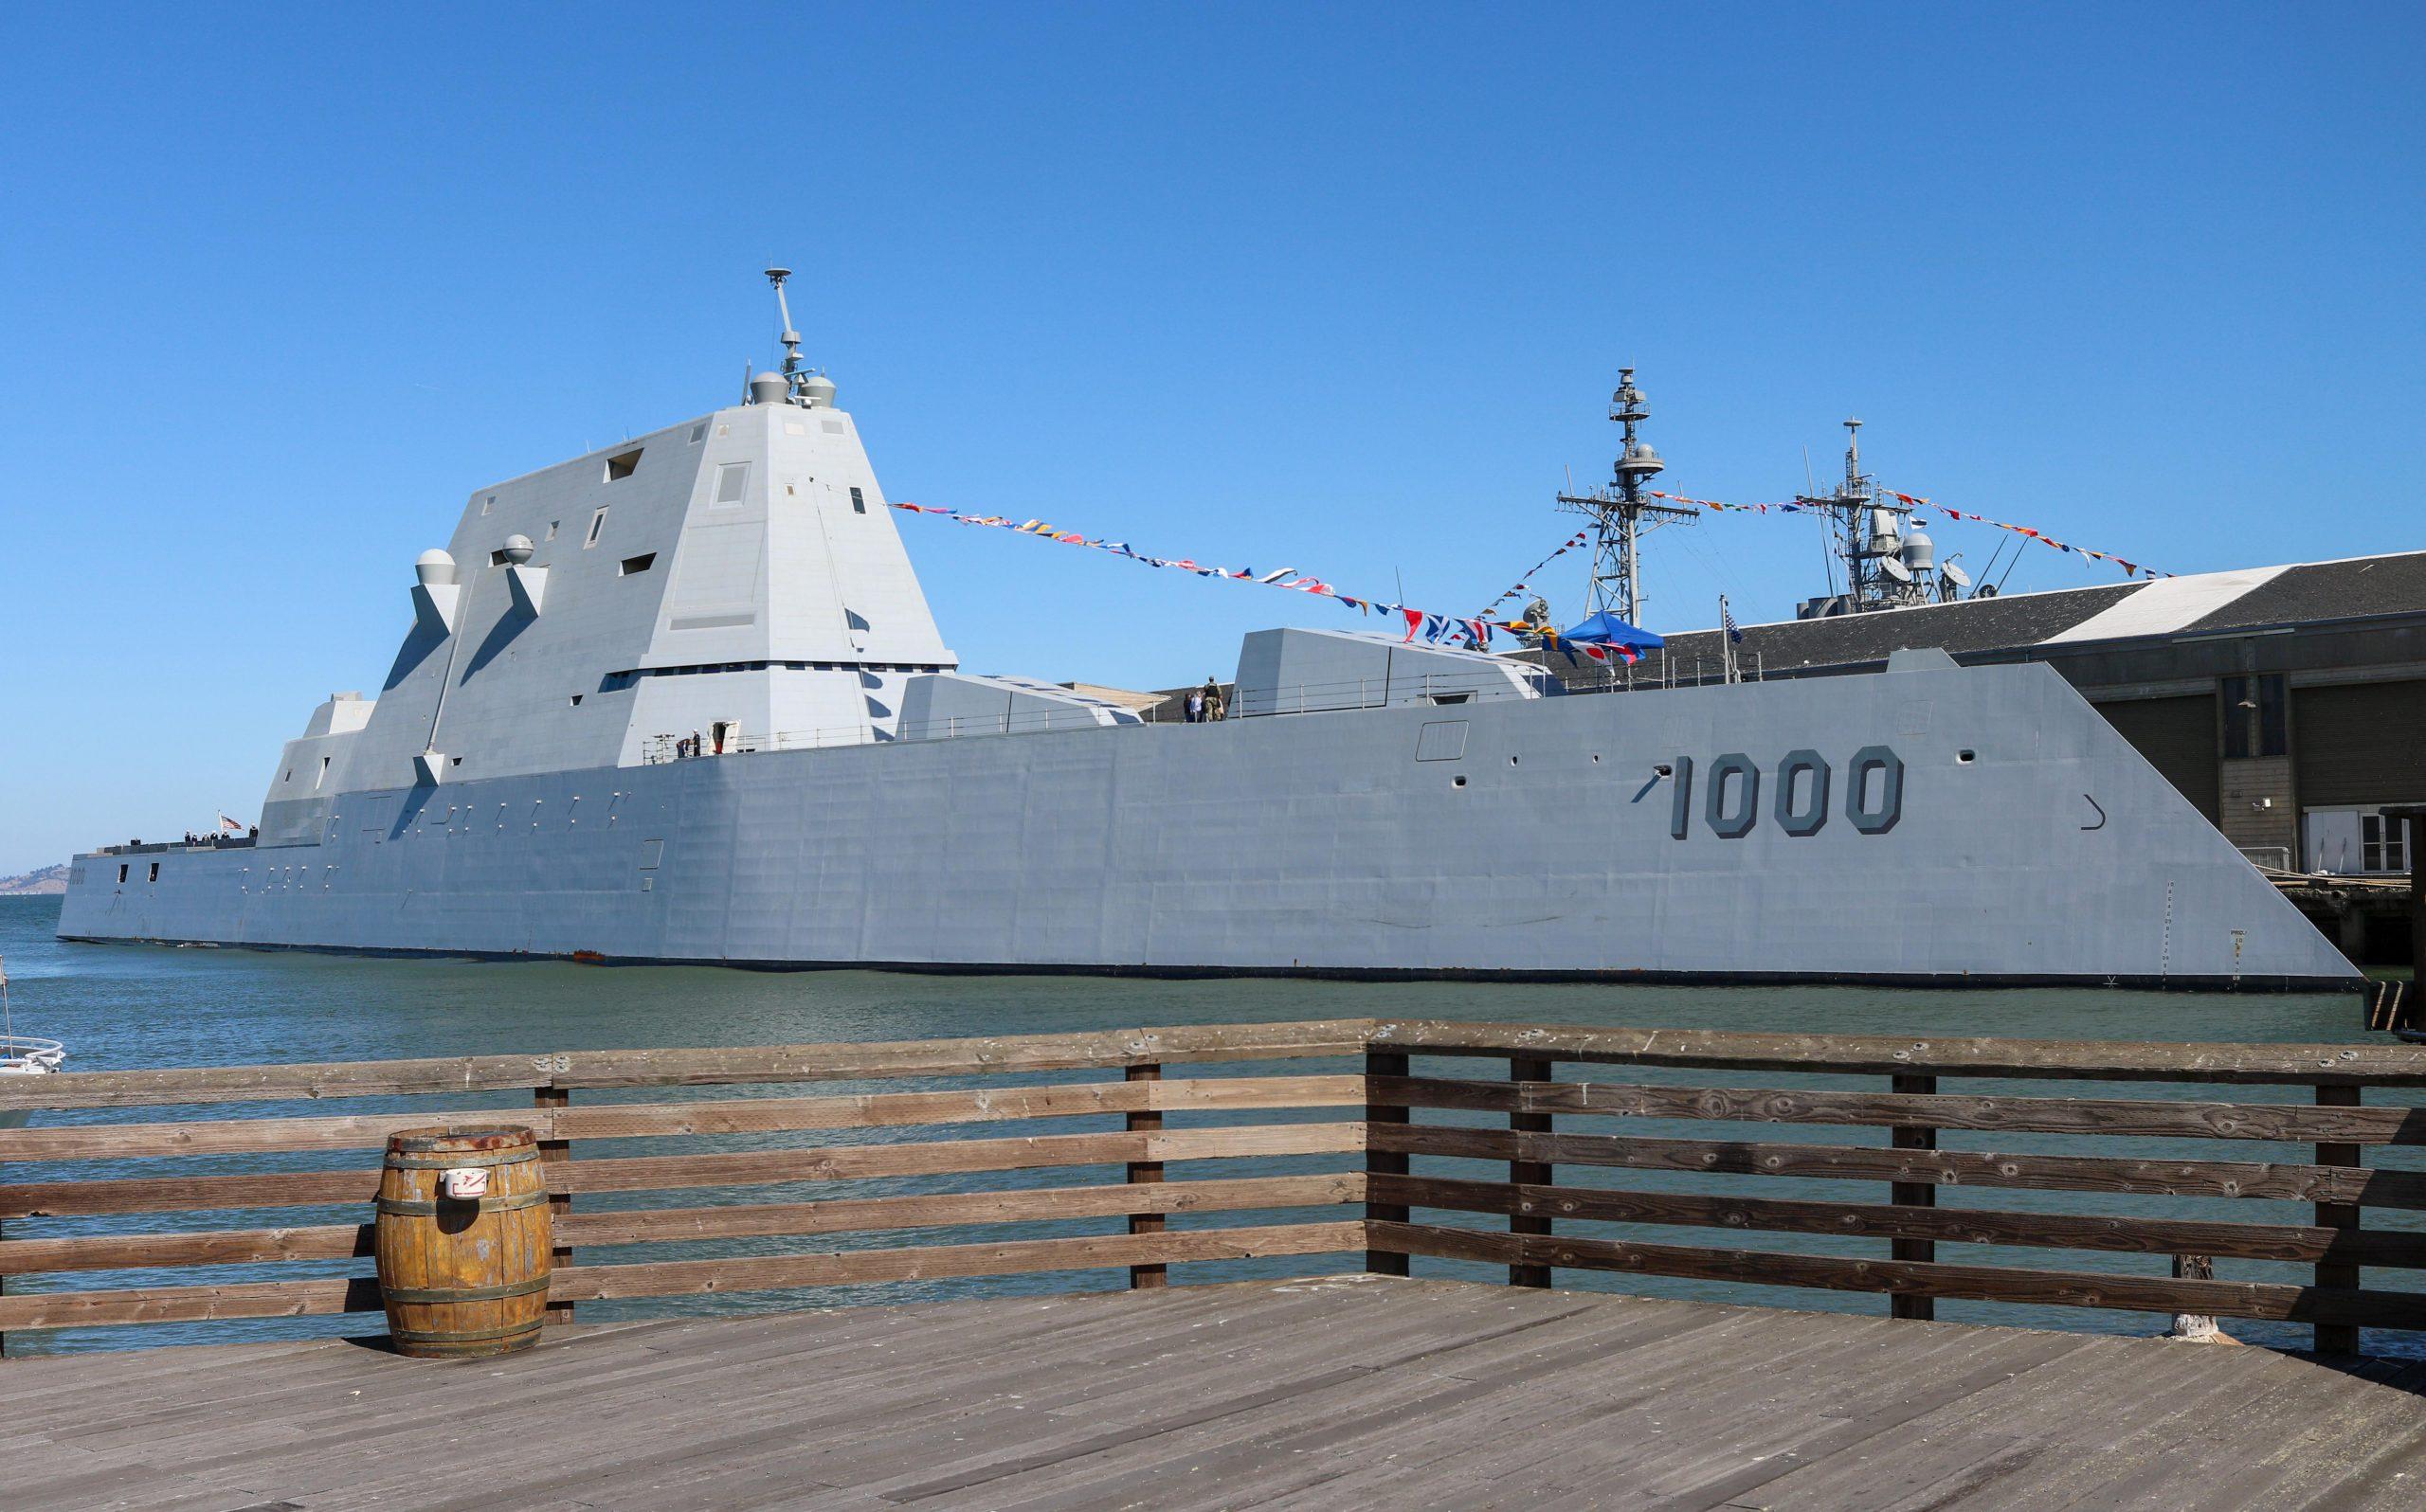 Zumwalt-class destroyer